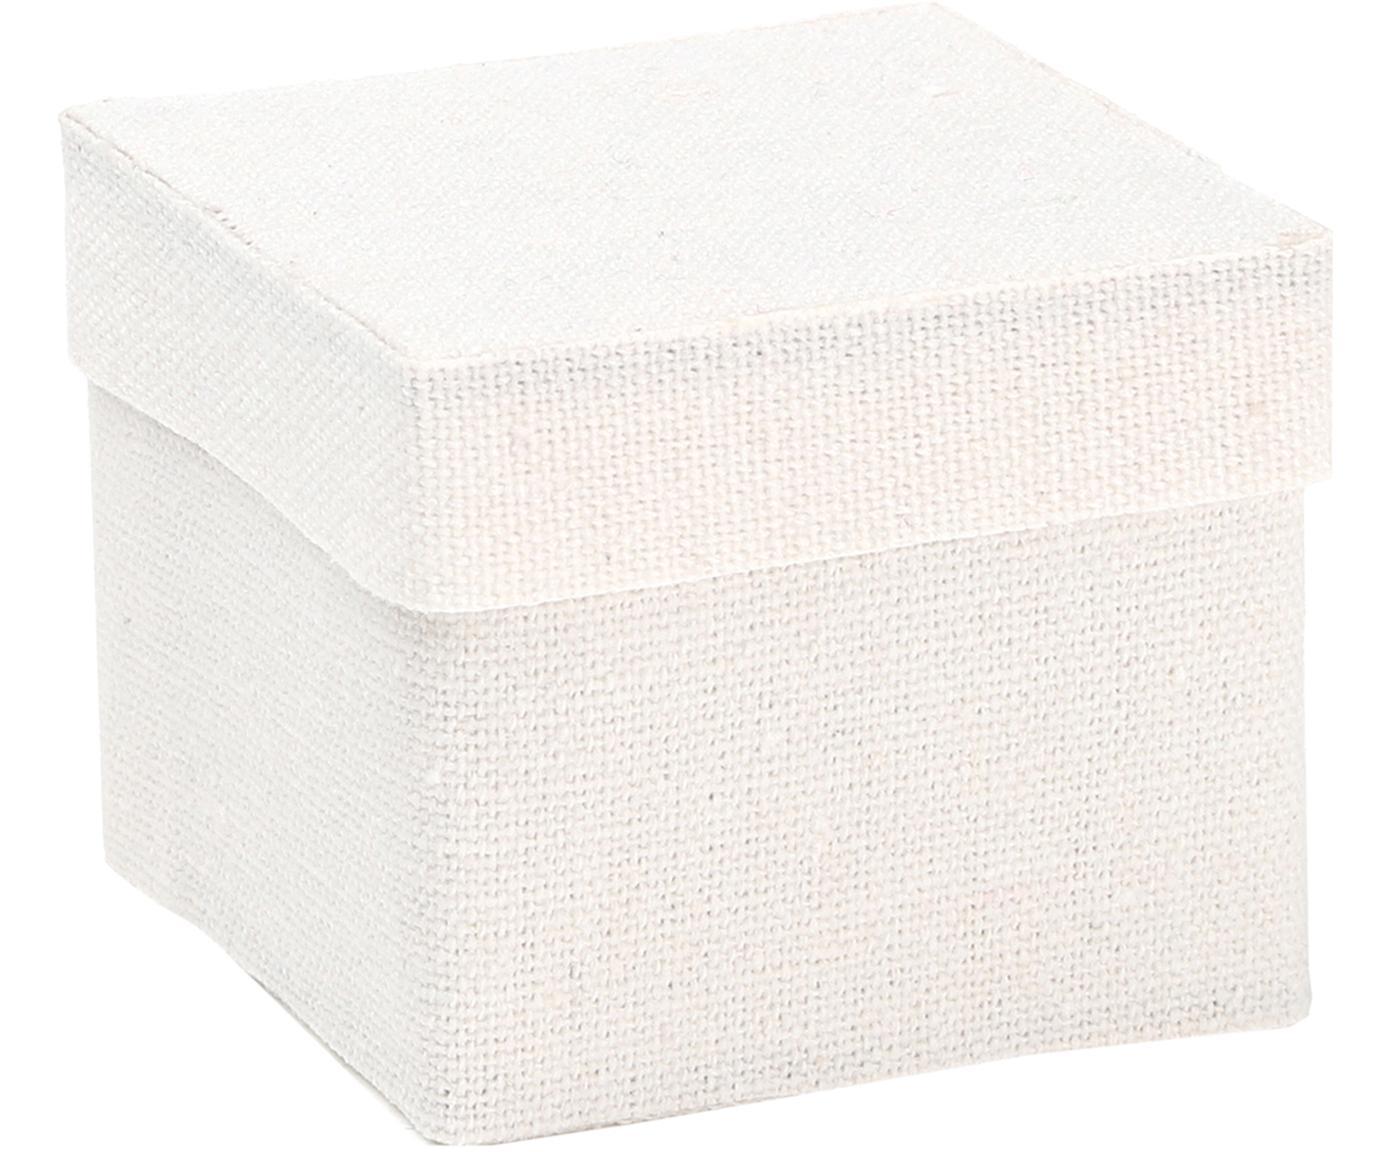 Geschenkdozen Square, 6 stuks, Katoen, Wit, 5 x 5 cm